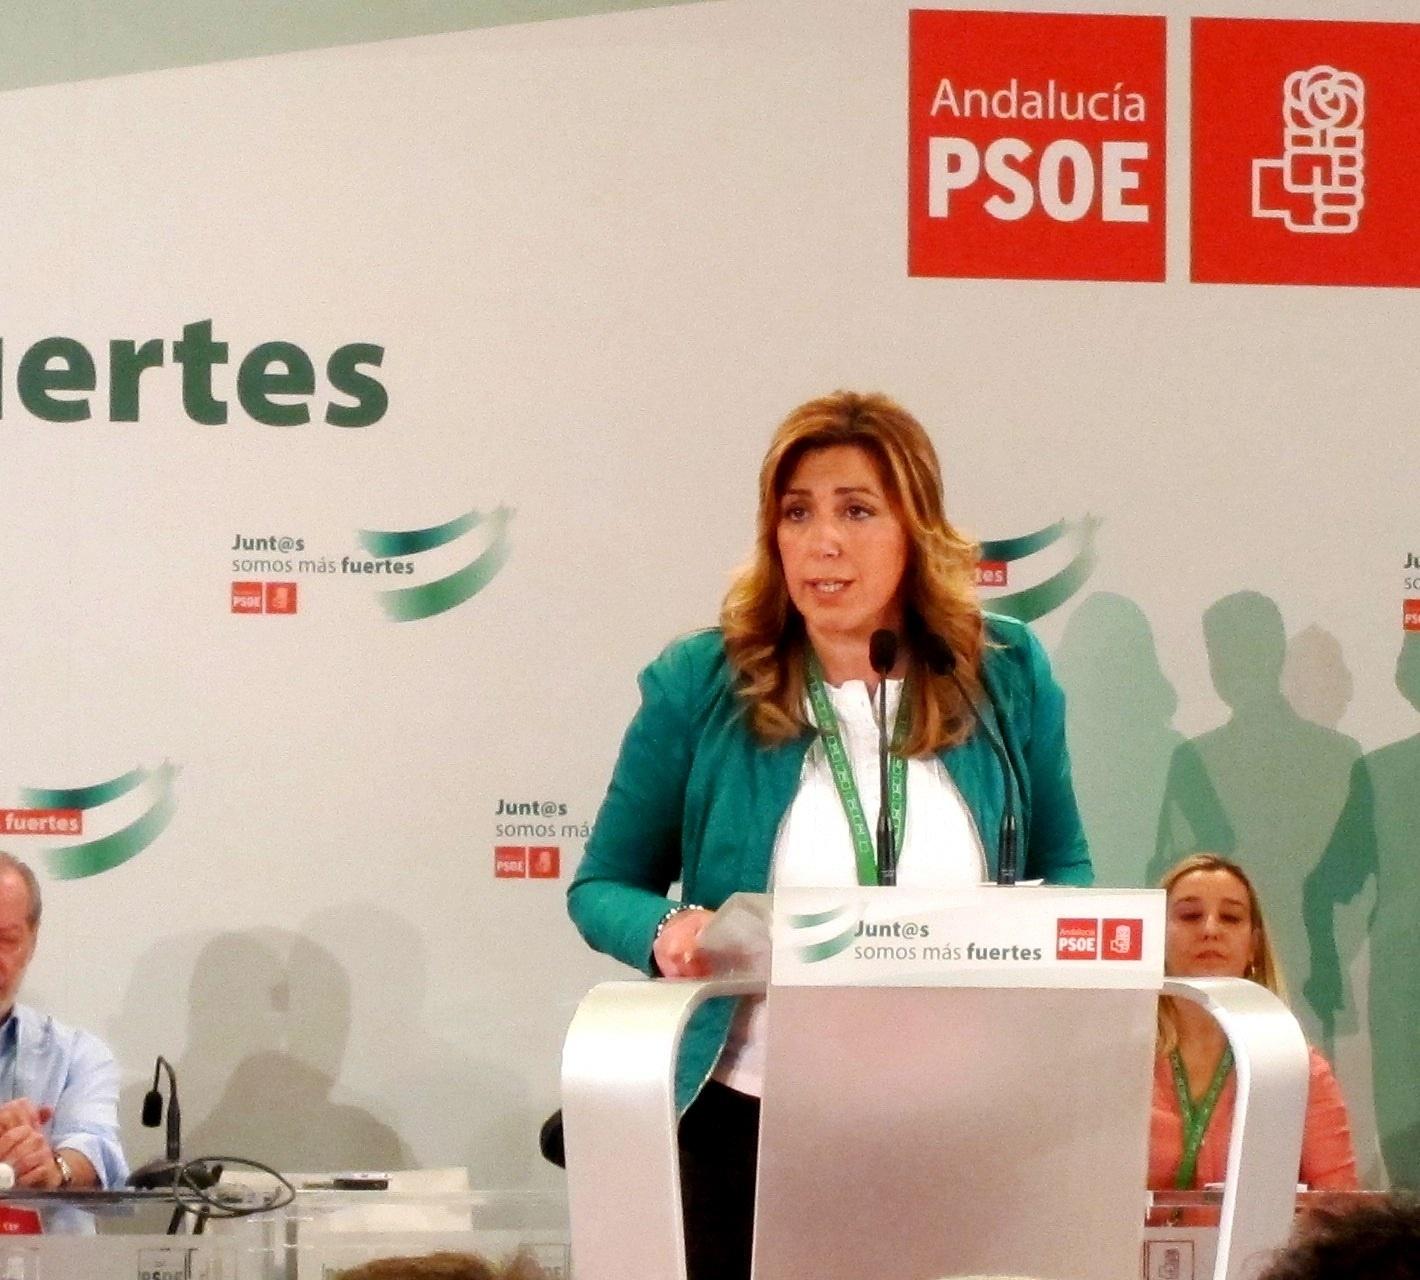 La presidenta de Andalucía muestra su «solidaridad y apoyo» a socialistas asturianos